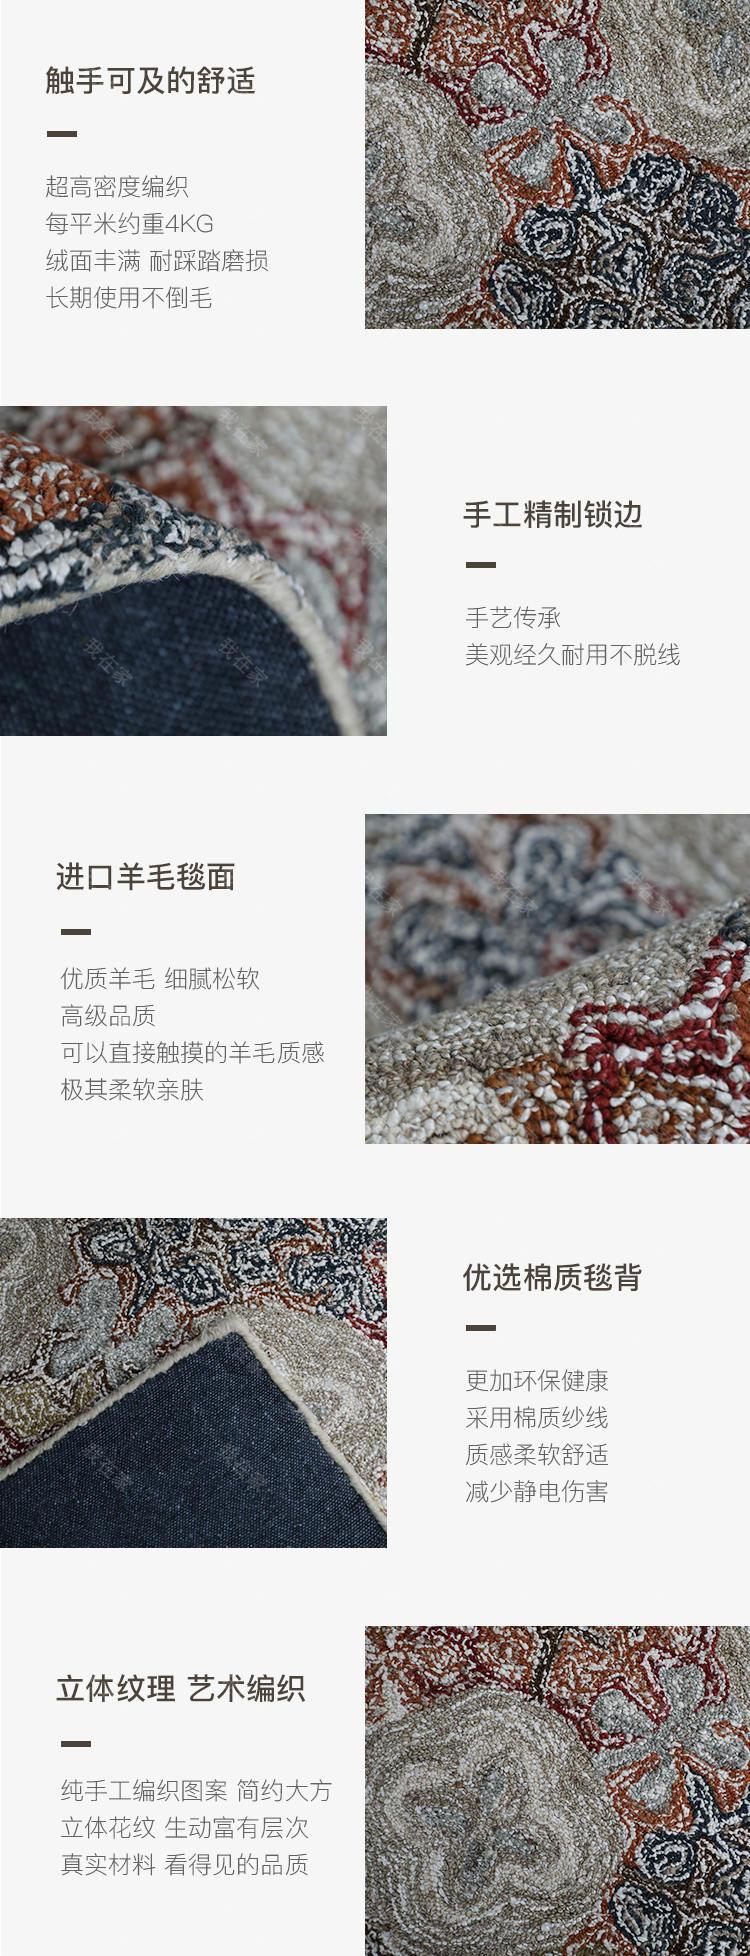 毯言织造品牌印度拼接手工羊毛地毯的详细介绍